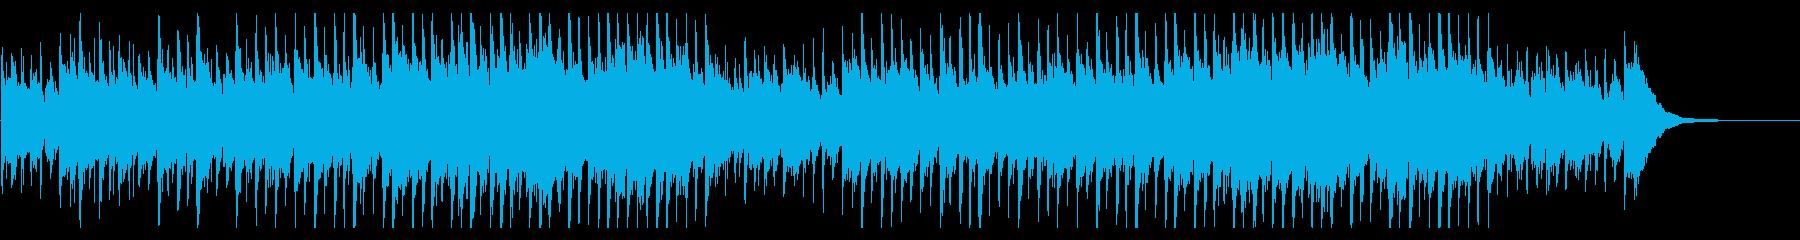 透明感のあるノスタルジーなアコギとピアノの再生済みの波形